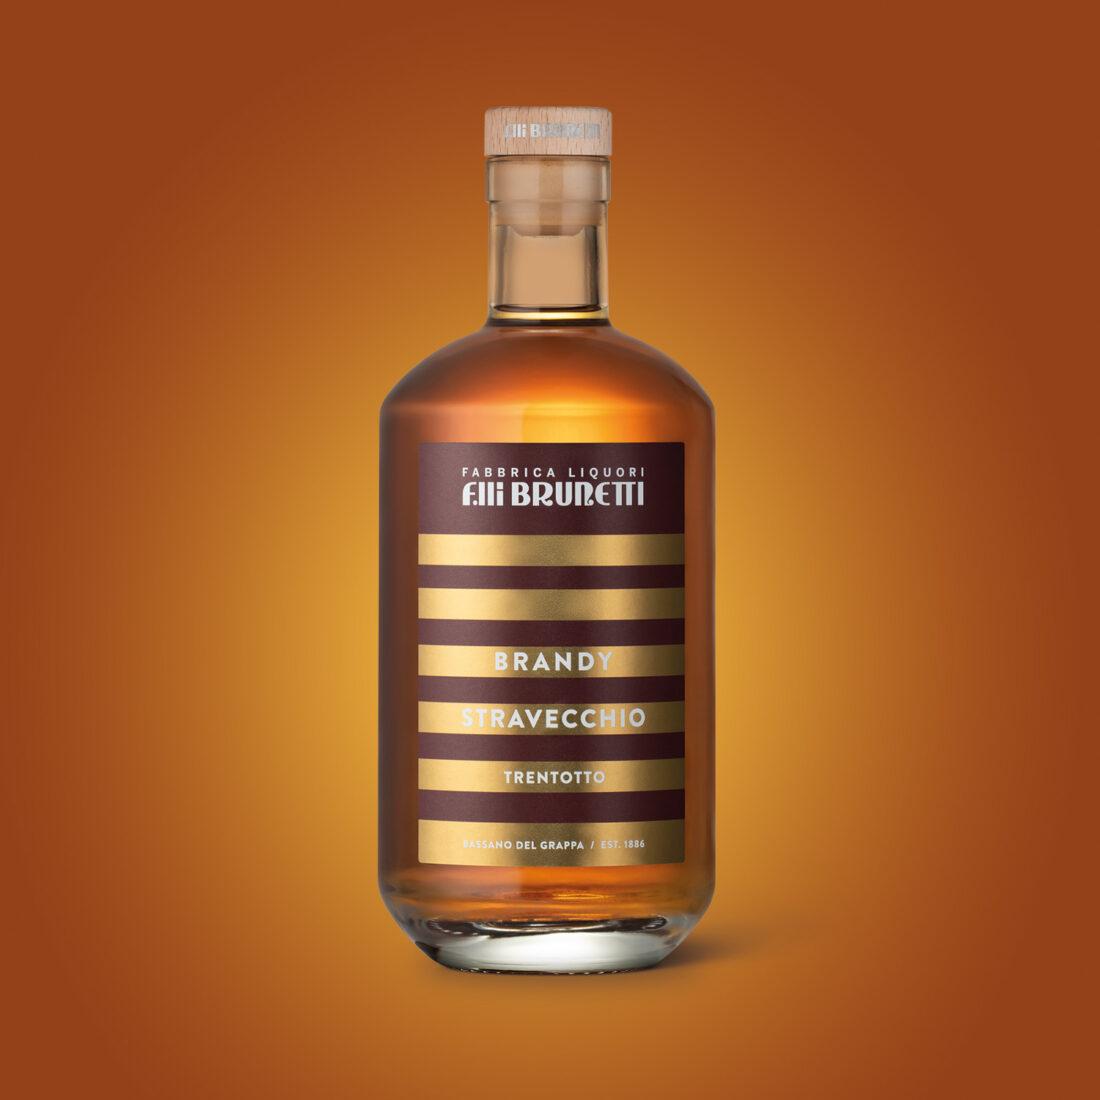 Foto still life bottiglia di brandy Brunetti